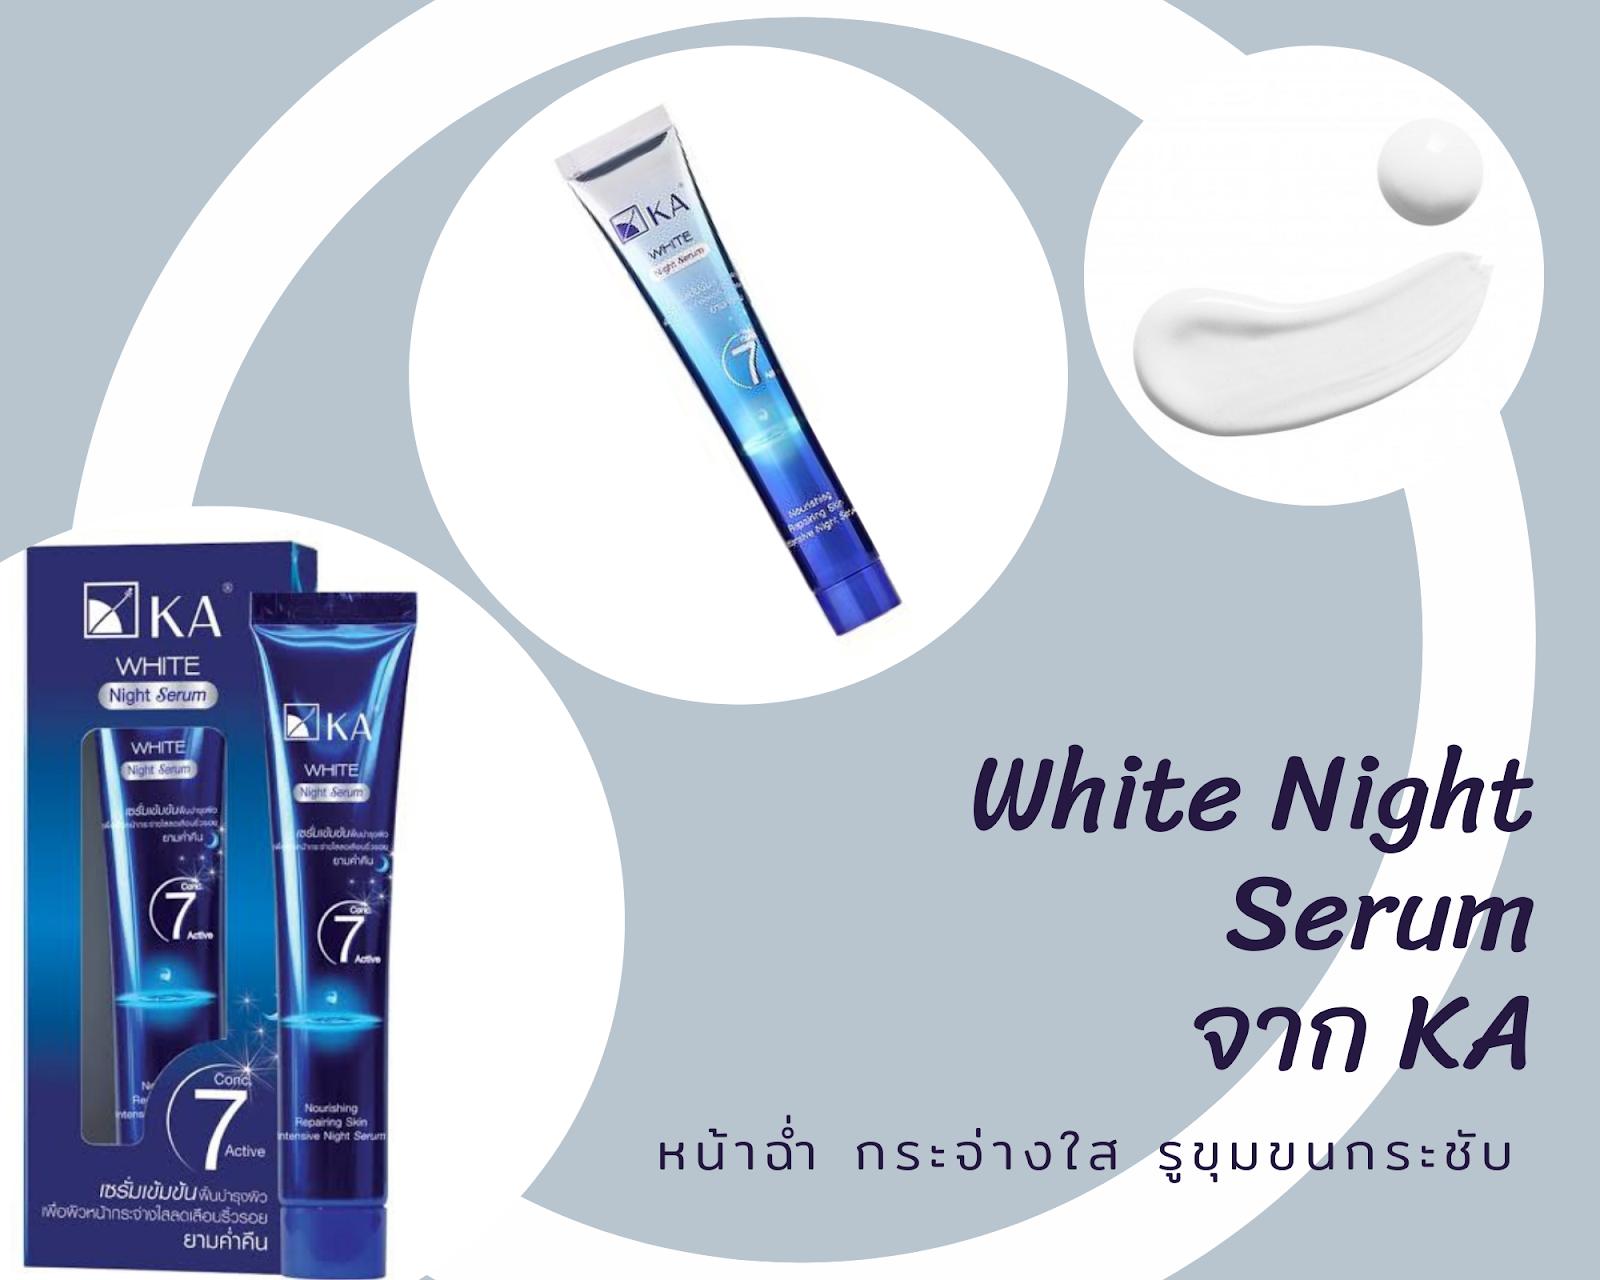 เหมาะสำหรับงบประหยัด : White Night Serum (KA)